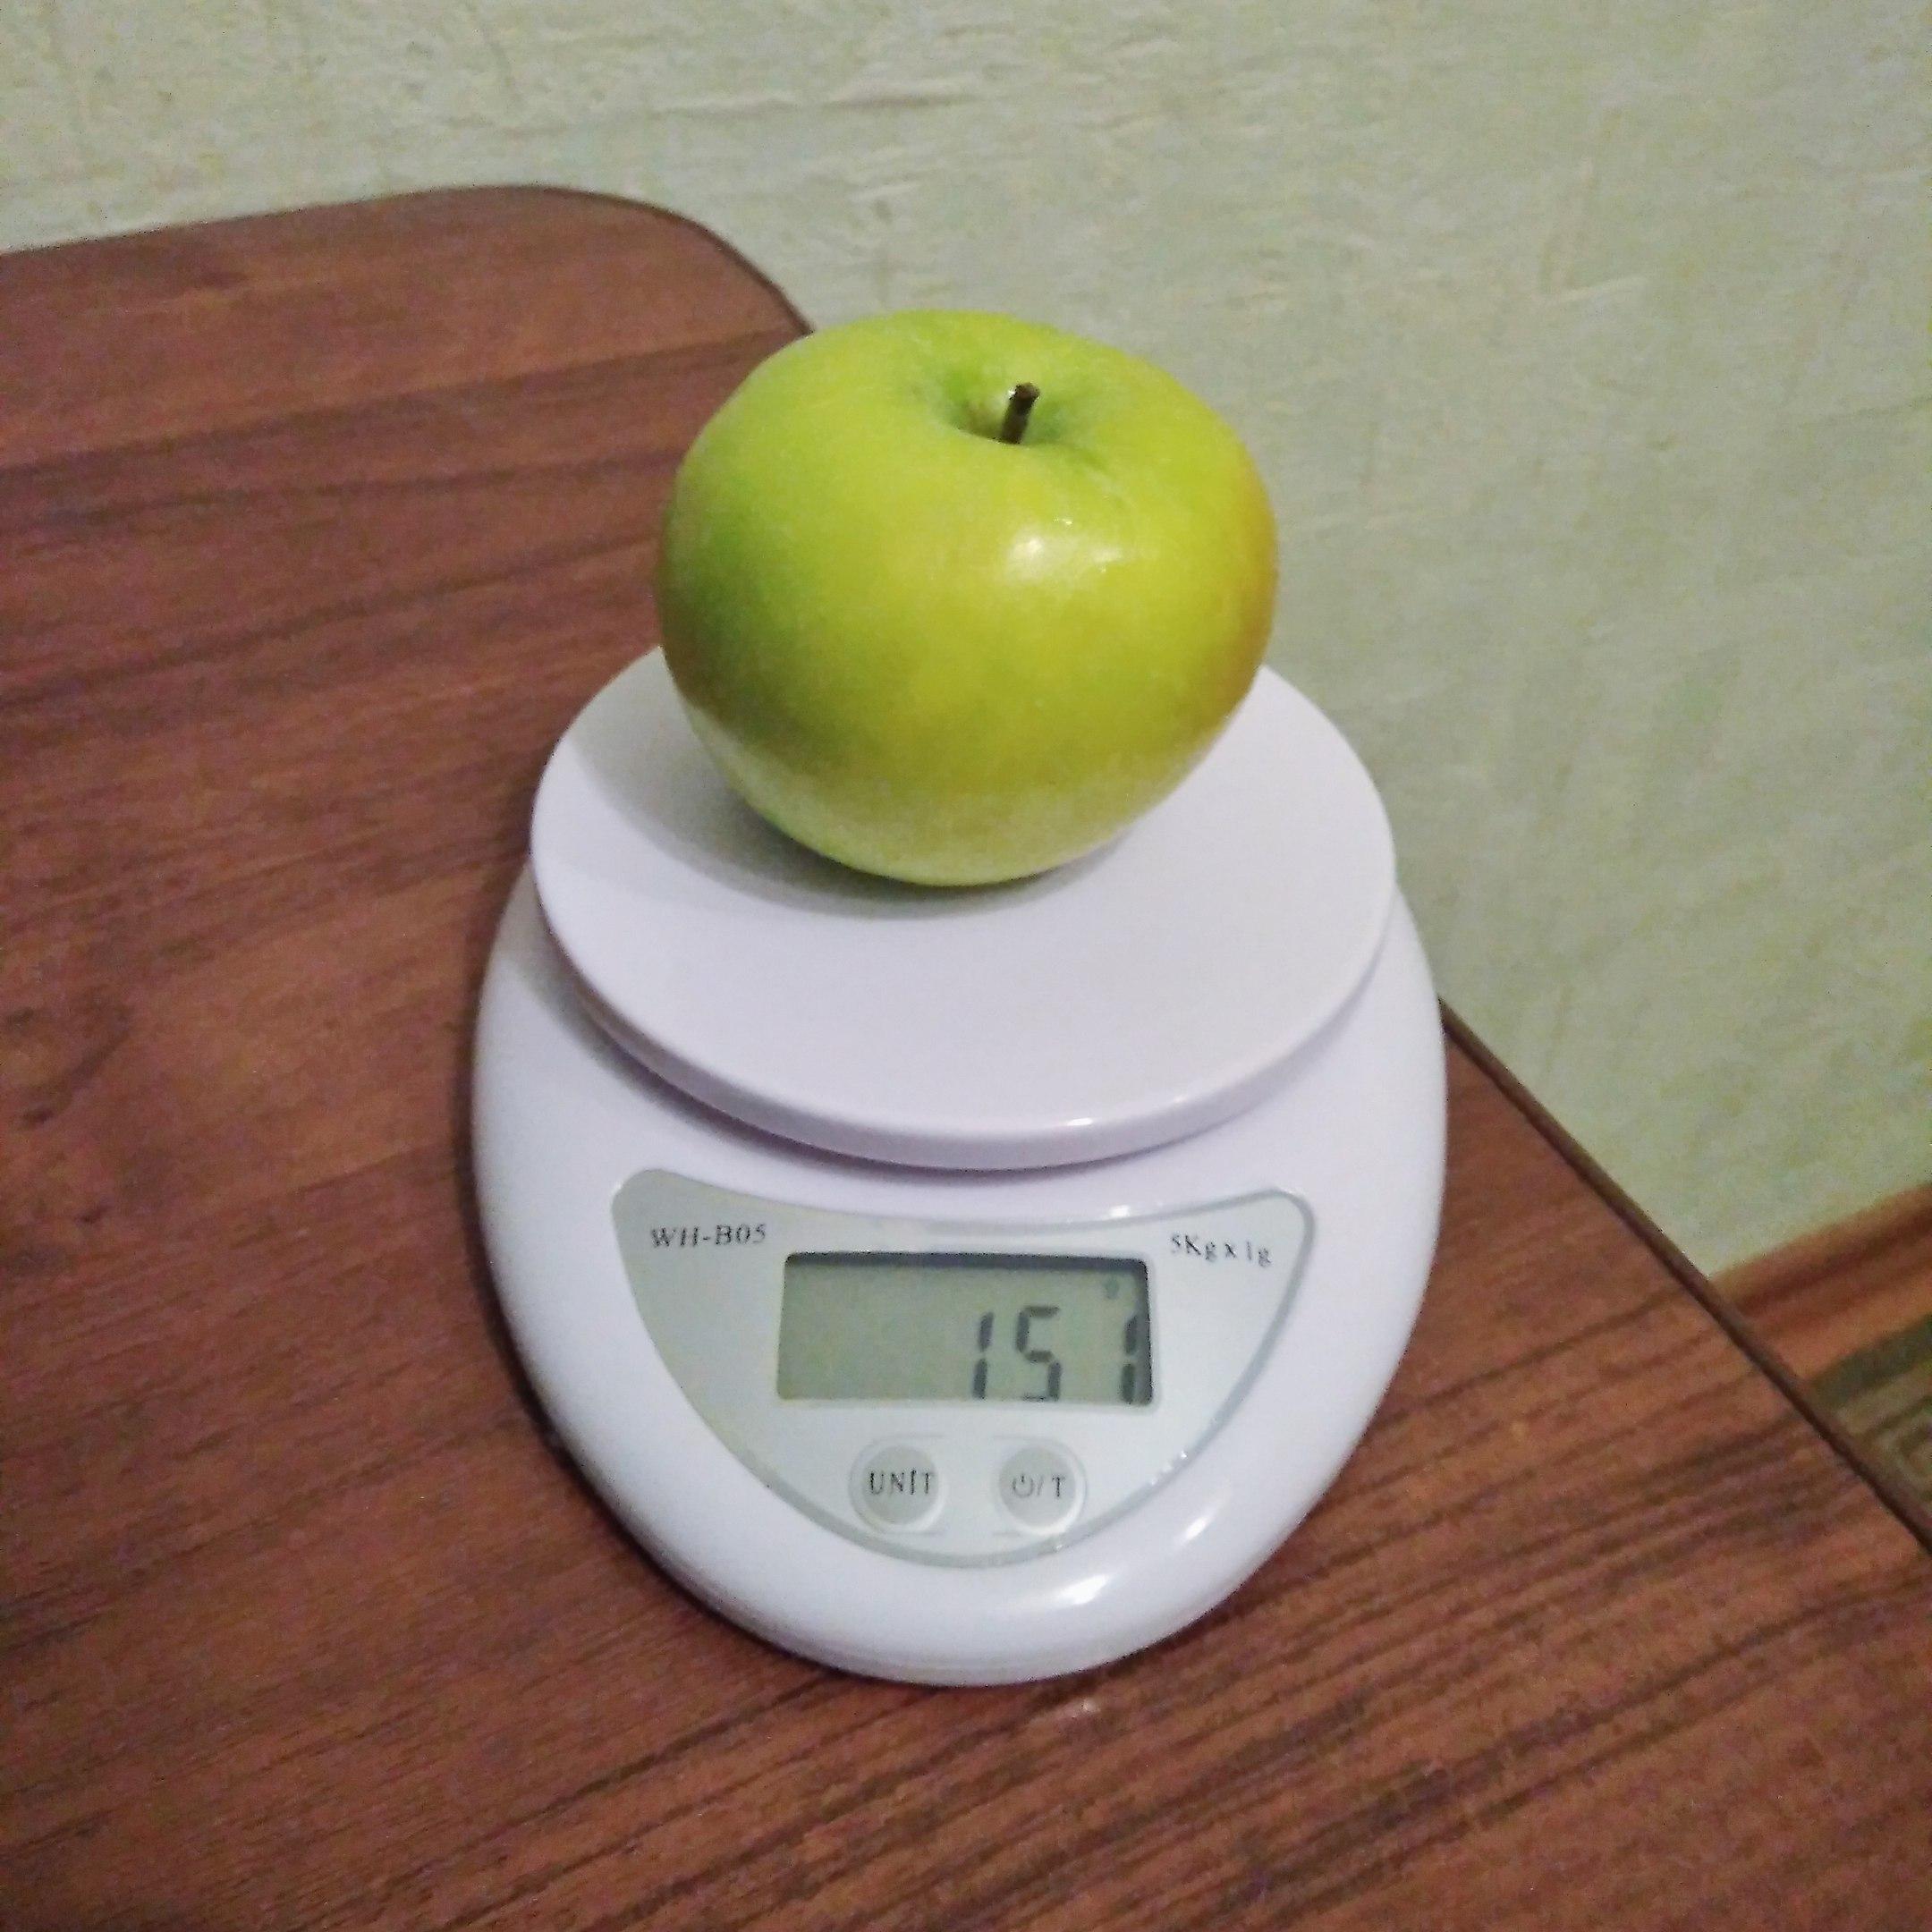 Весы за 350р